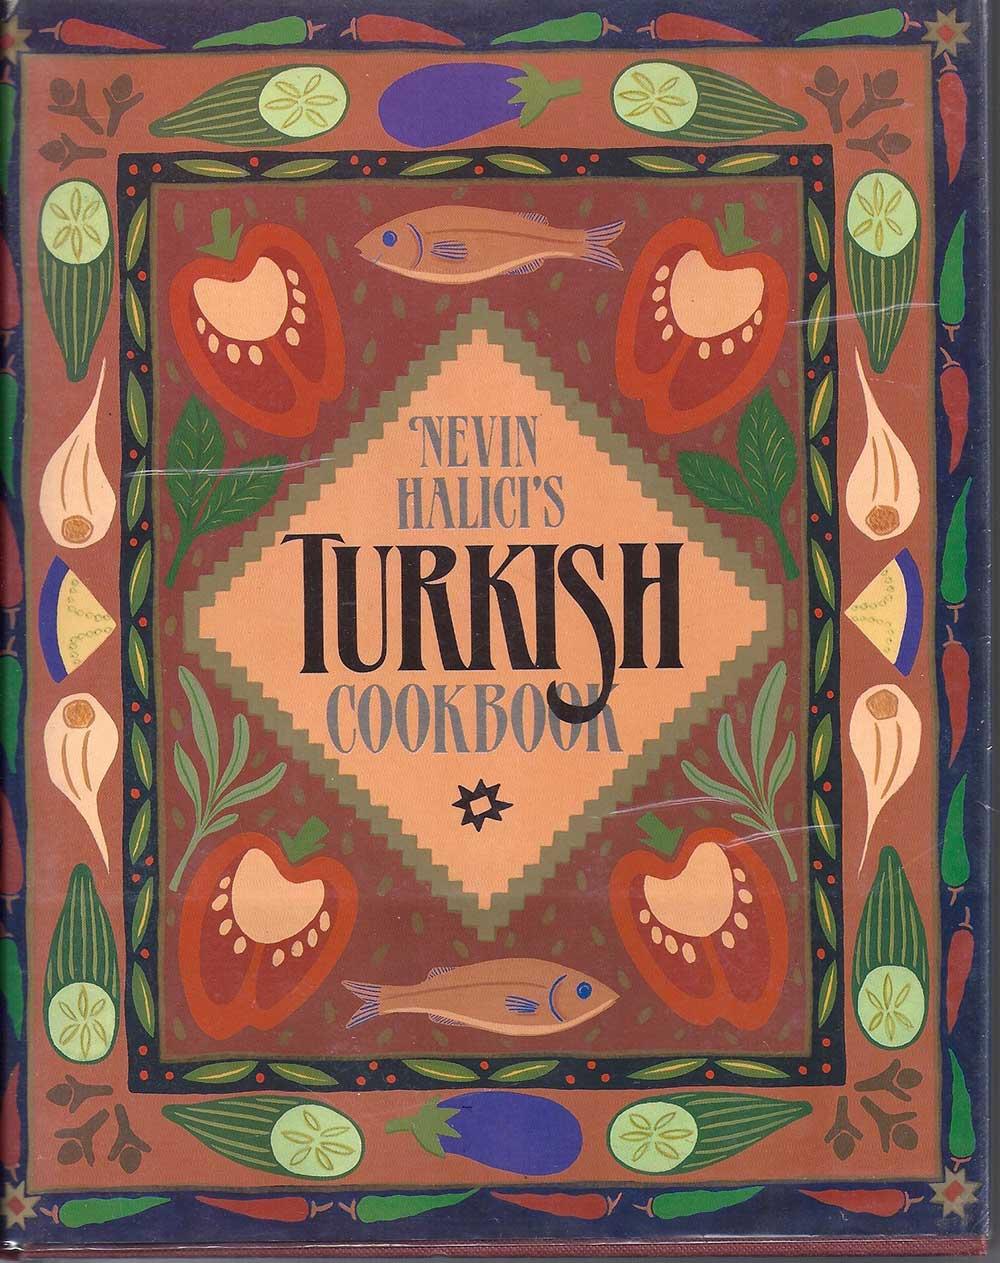 Turkish Cookbook, by Nevin Halici